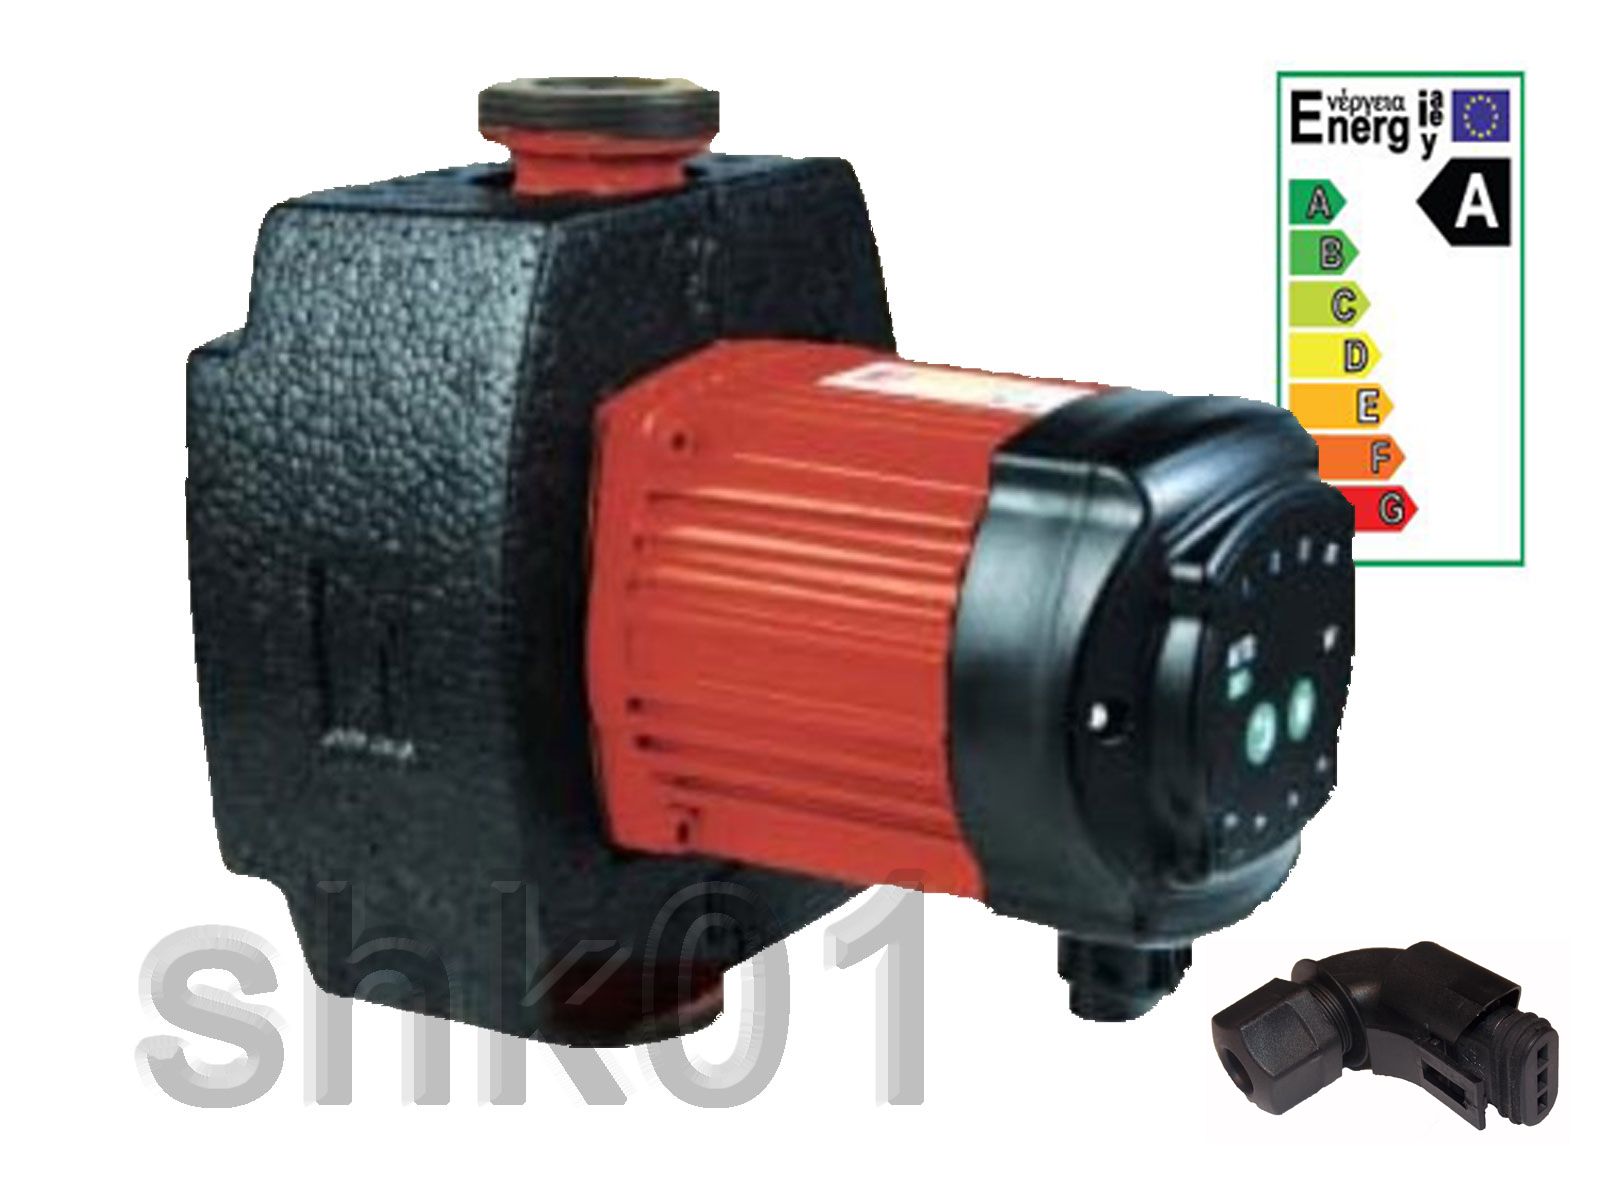 Alta eficiencia a bomba de calor 1 1 2 5 4 2 4 6 m dn 15 - Bomba de calor de alta eficiencia energetica para calefaccion ...